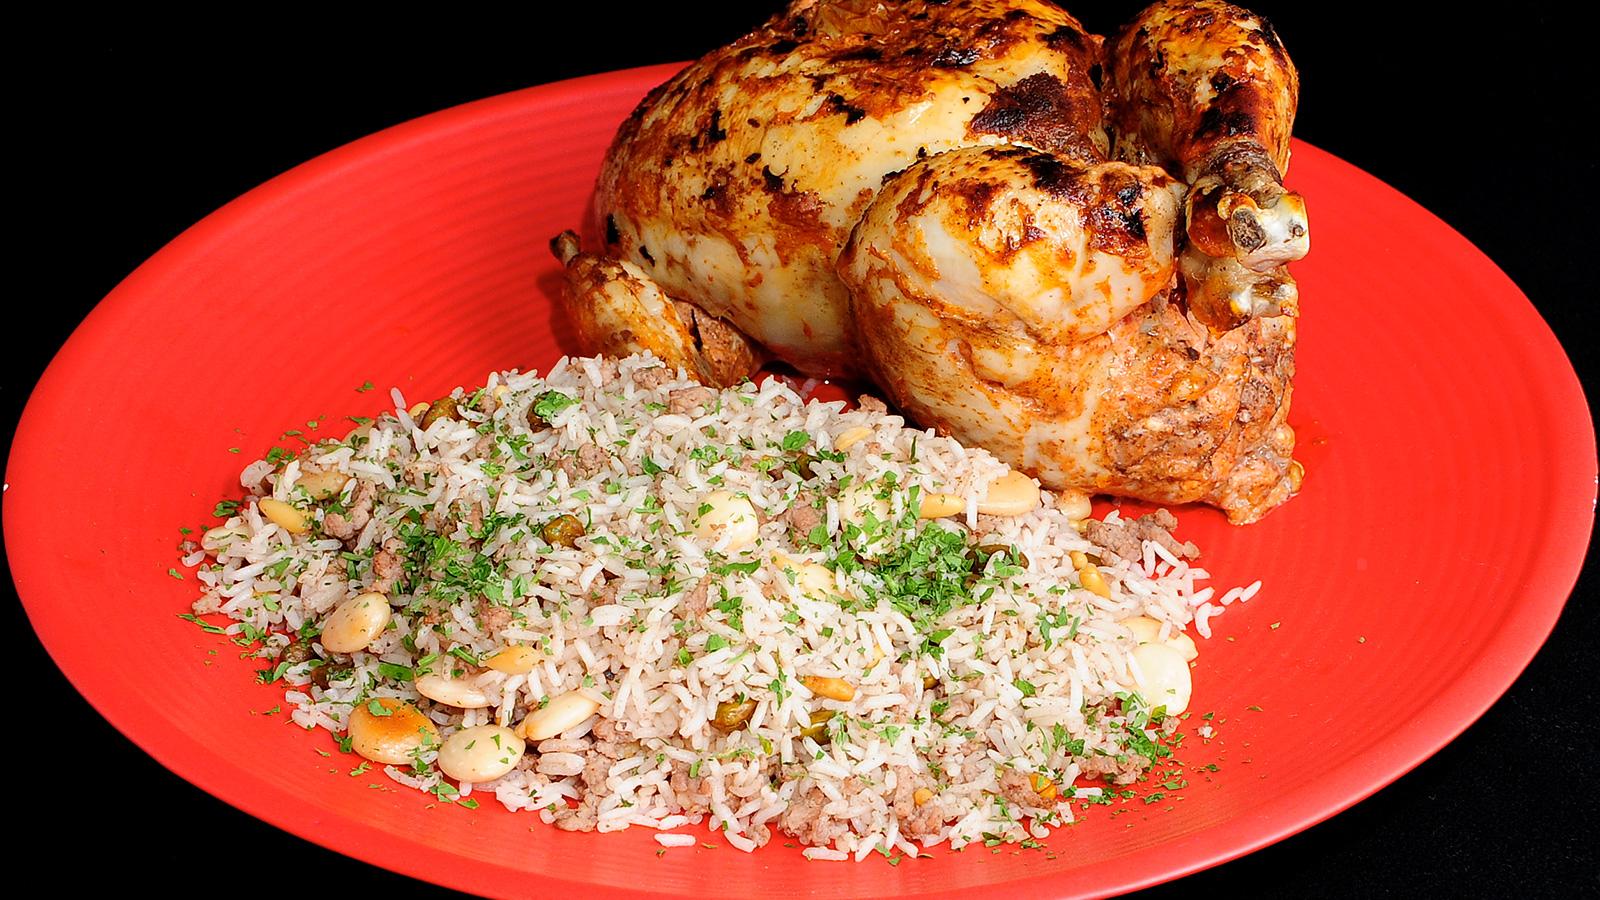 Jaj Mahshy Pollo Relleno Cocina árabe Ep 21